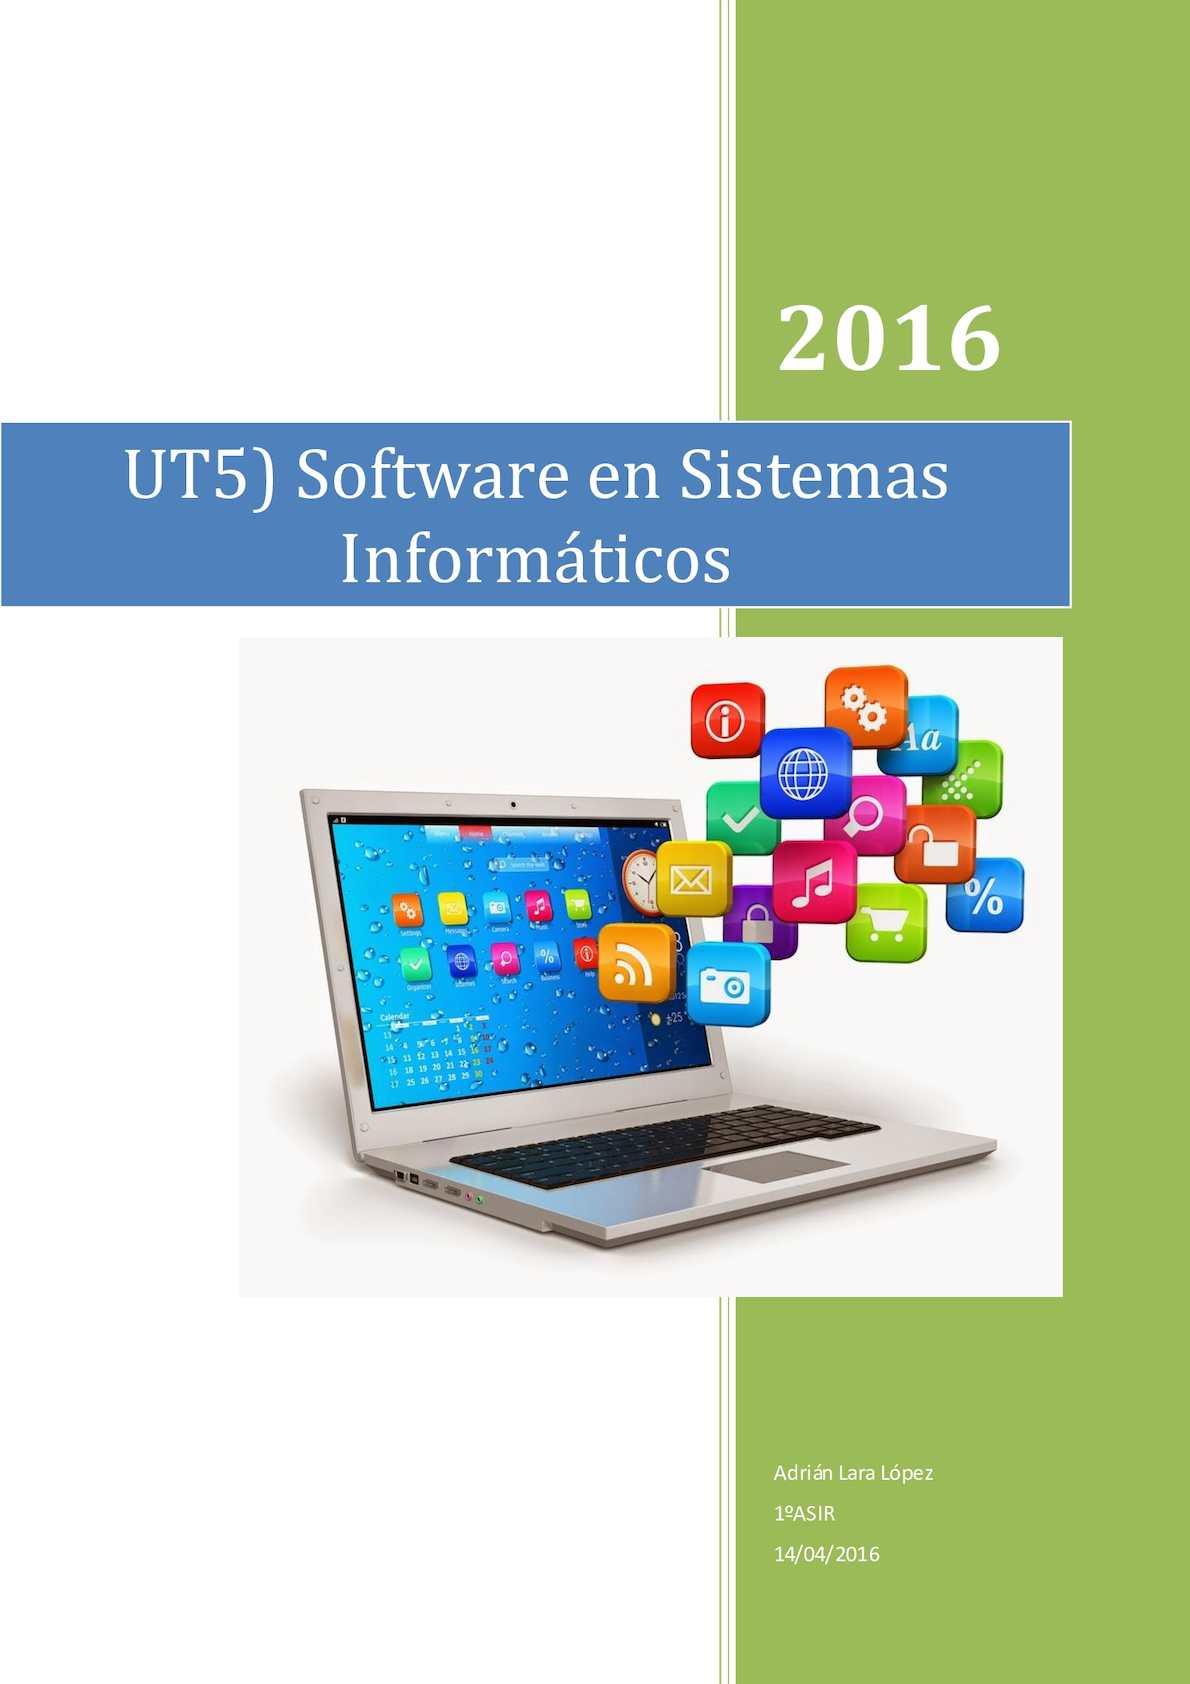 Calaméo - UT5)Software en Sistemas Informáticos